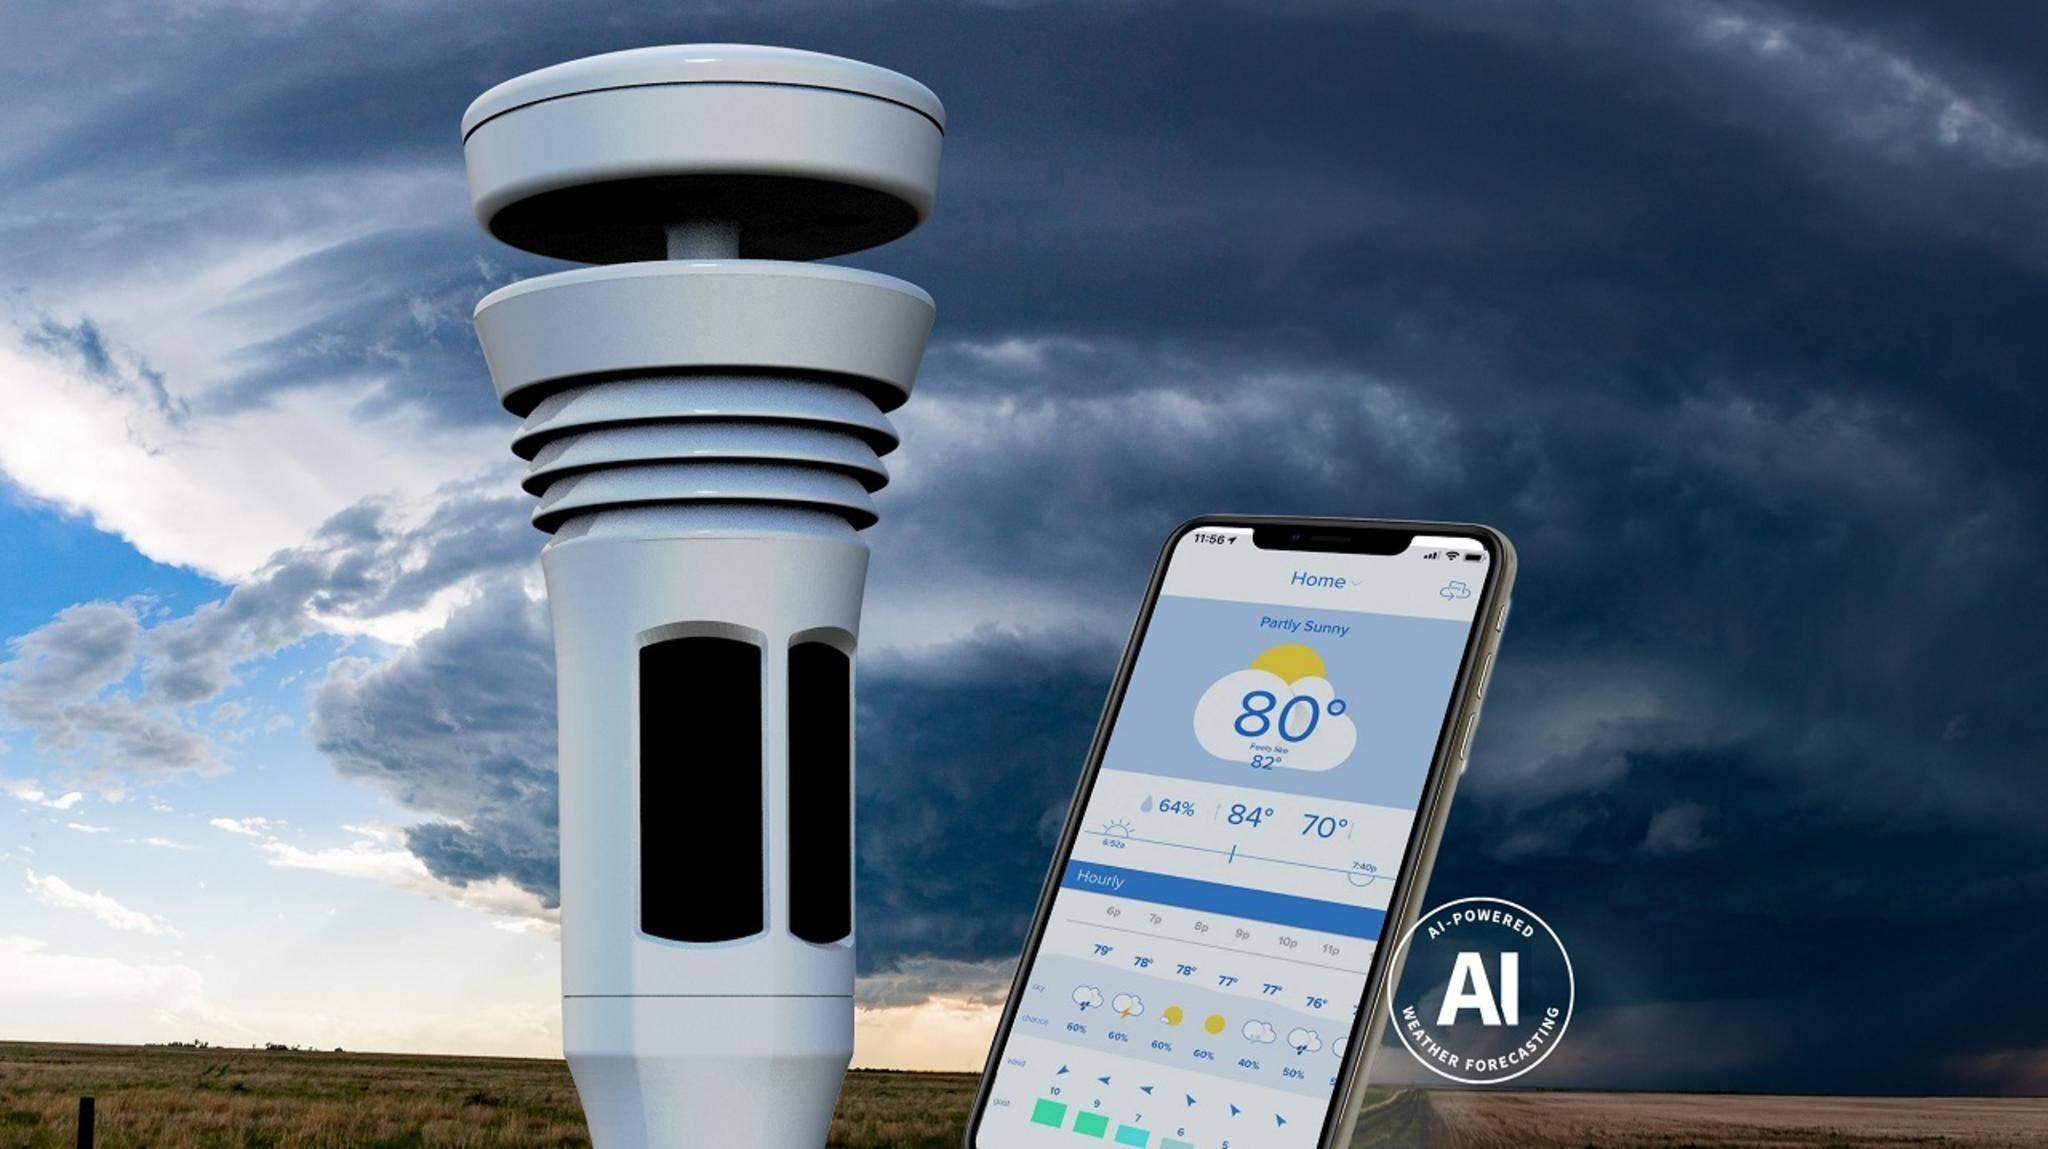 Die Wetterstation Tempest arbeitet mit sechs verschiedenen Sensoren und schickt die gesammelten Daten an die zugehörige App.